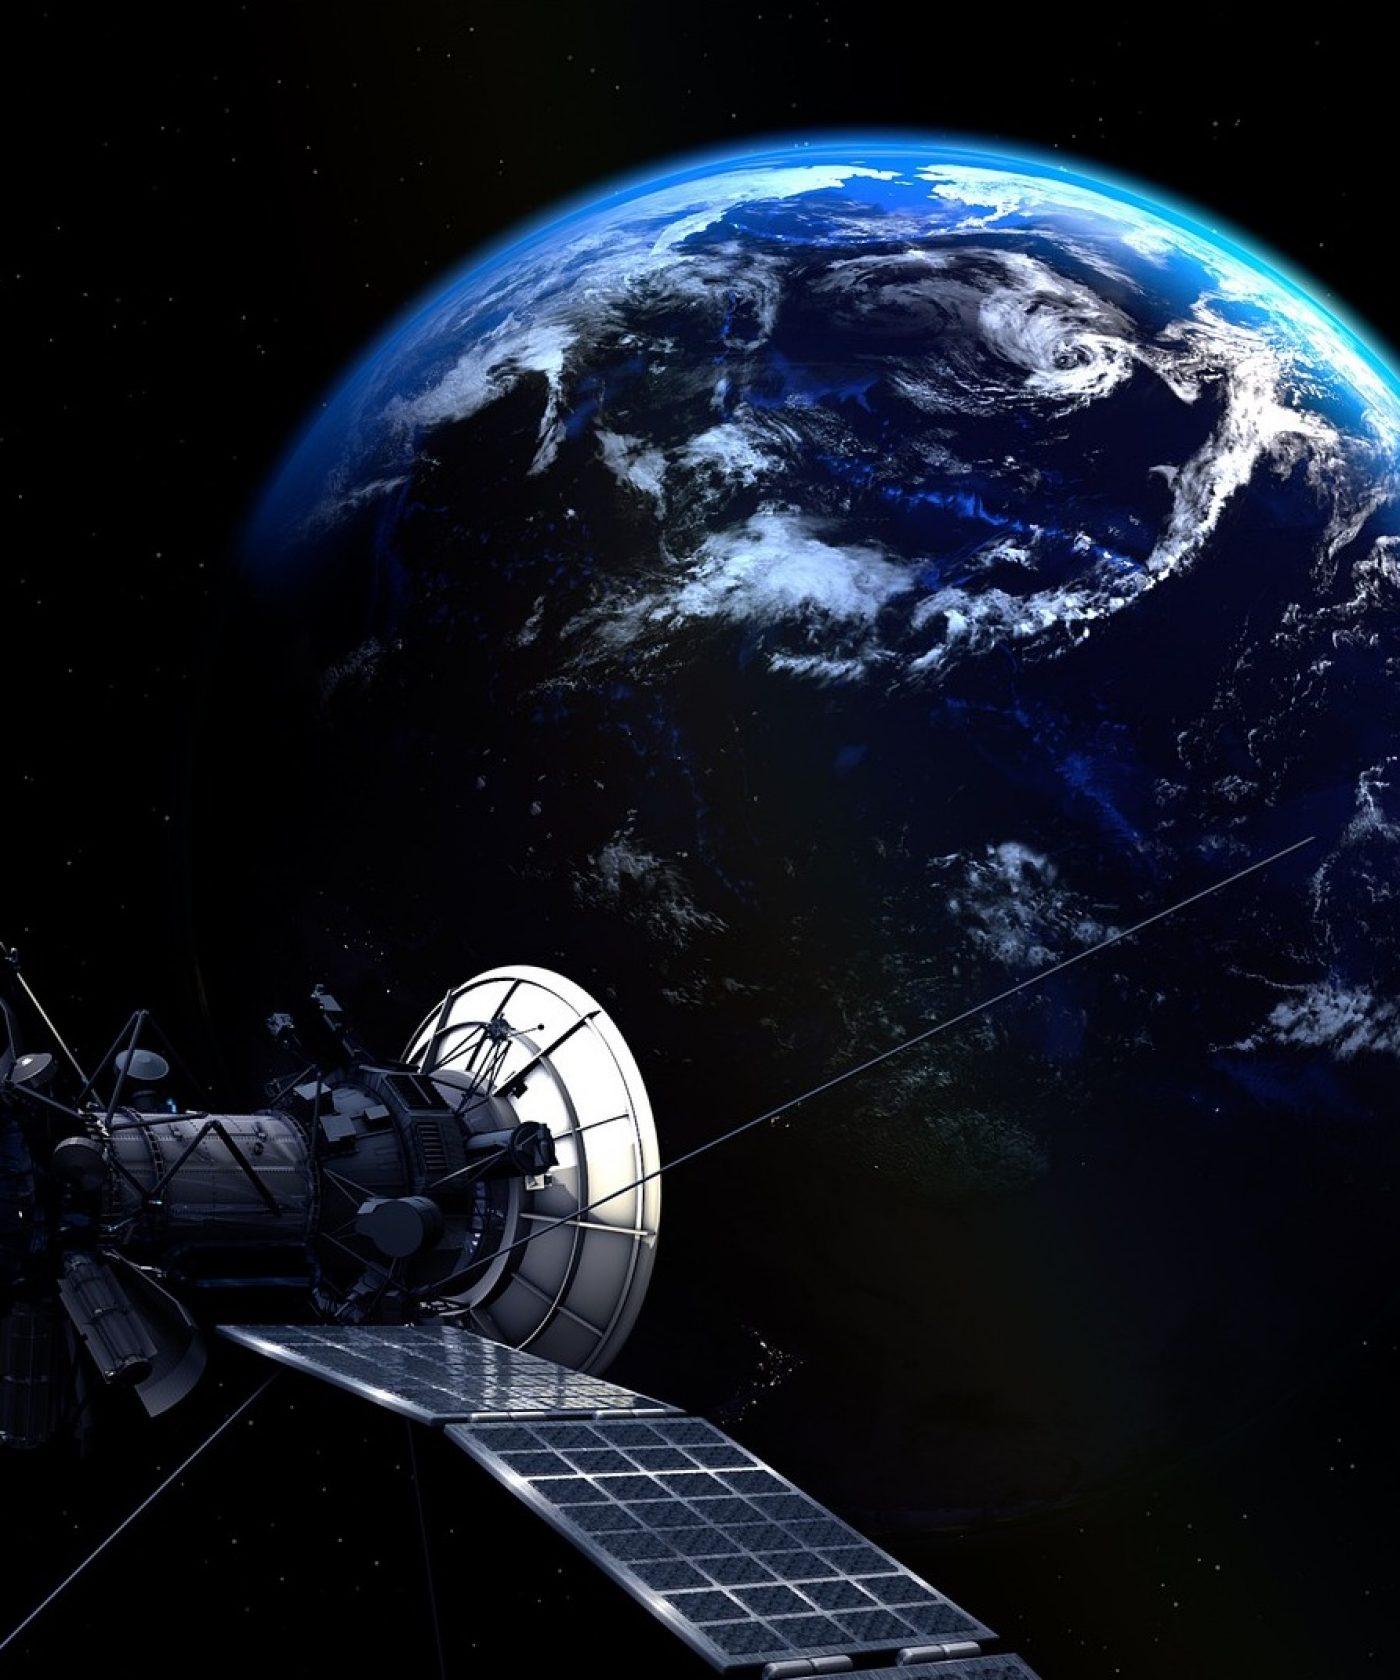 satellite-4269348_1920